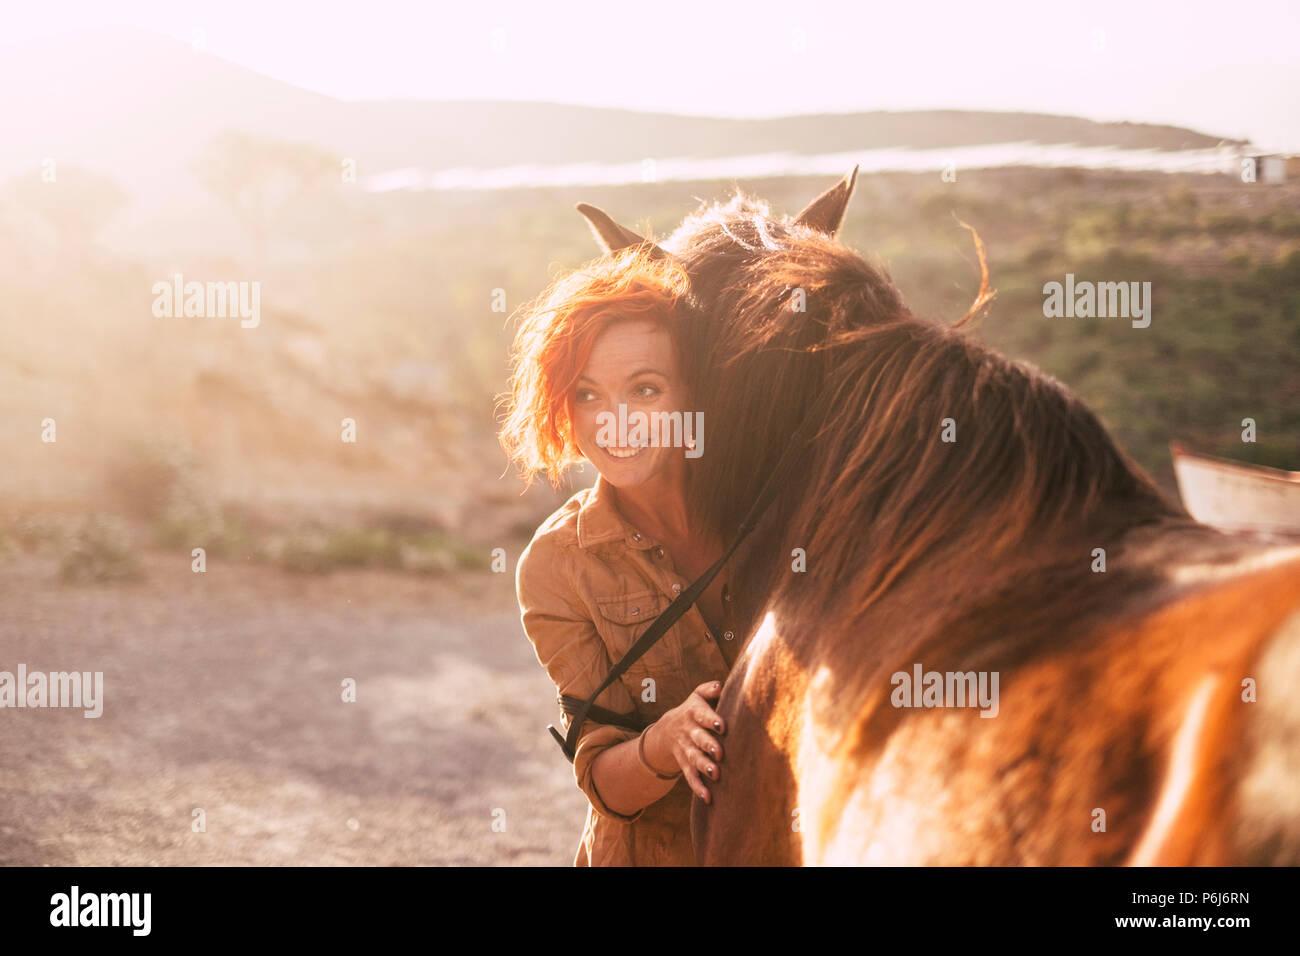 Cabello rojo hermosa dama alternativa abrazar a sus mejores amigos caballo animal durante la puesta de sol en el lado del país. retroiluminación en antecedentes y concepto de amor, Foto de stock